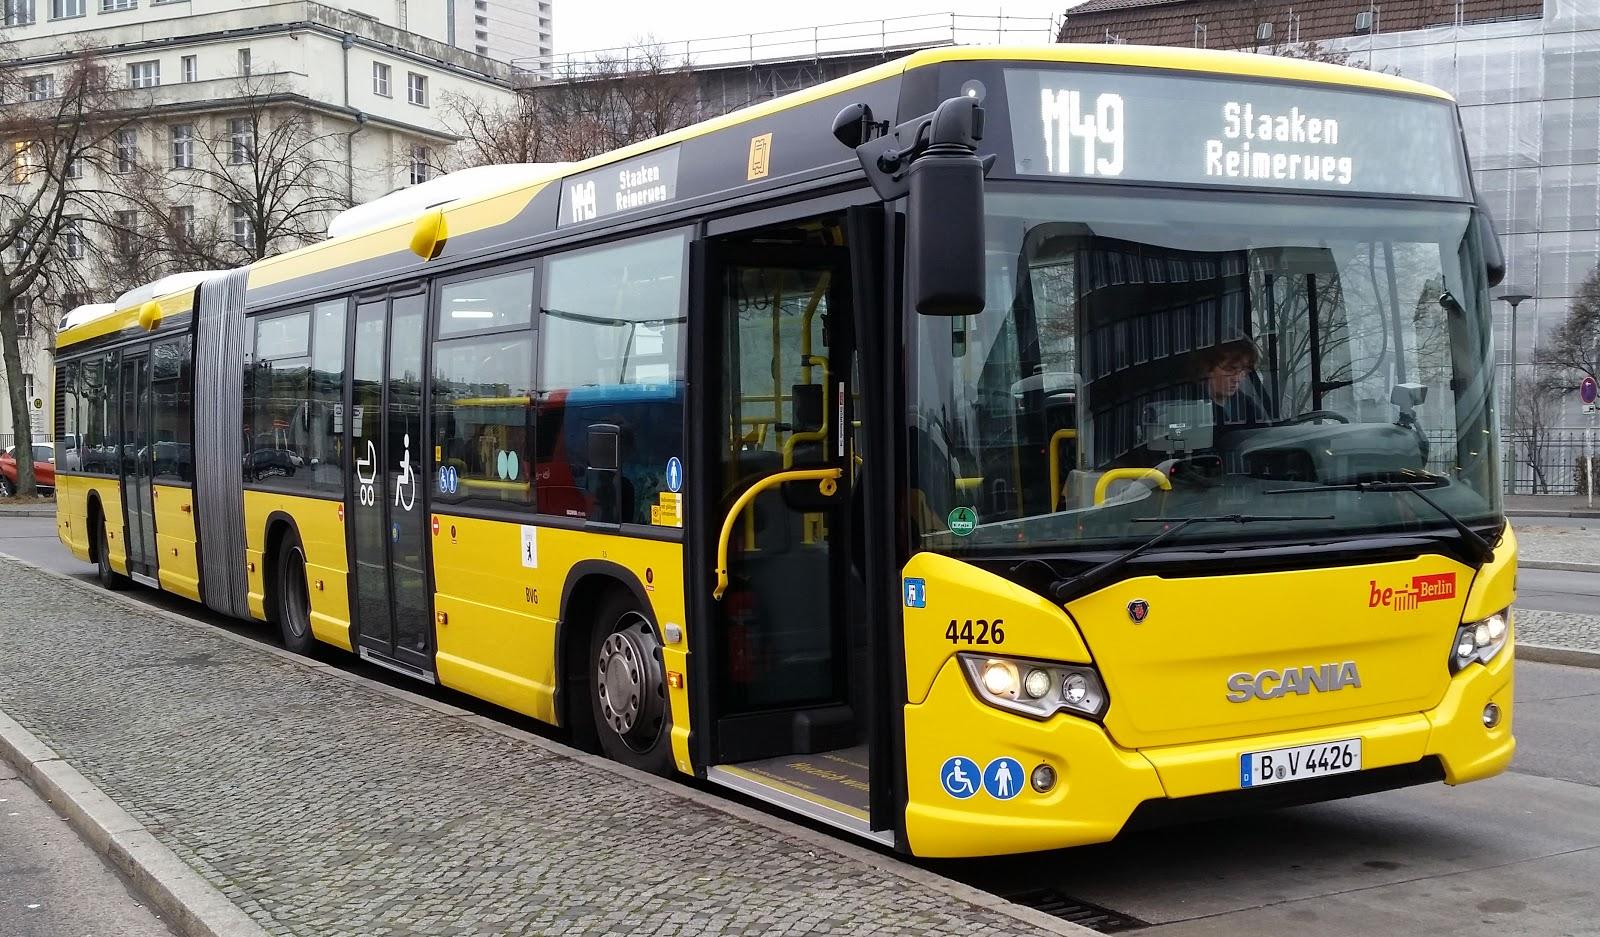 bus mitfahren in berl nge bvg nimmt 17 neue busse in betrieb die berliner verkehrsbetriebe. Black Bedroom Furniture Sets. Home Design Ideas